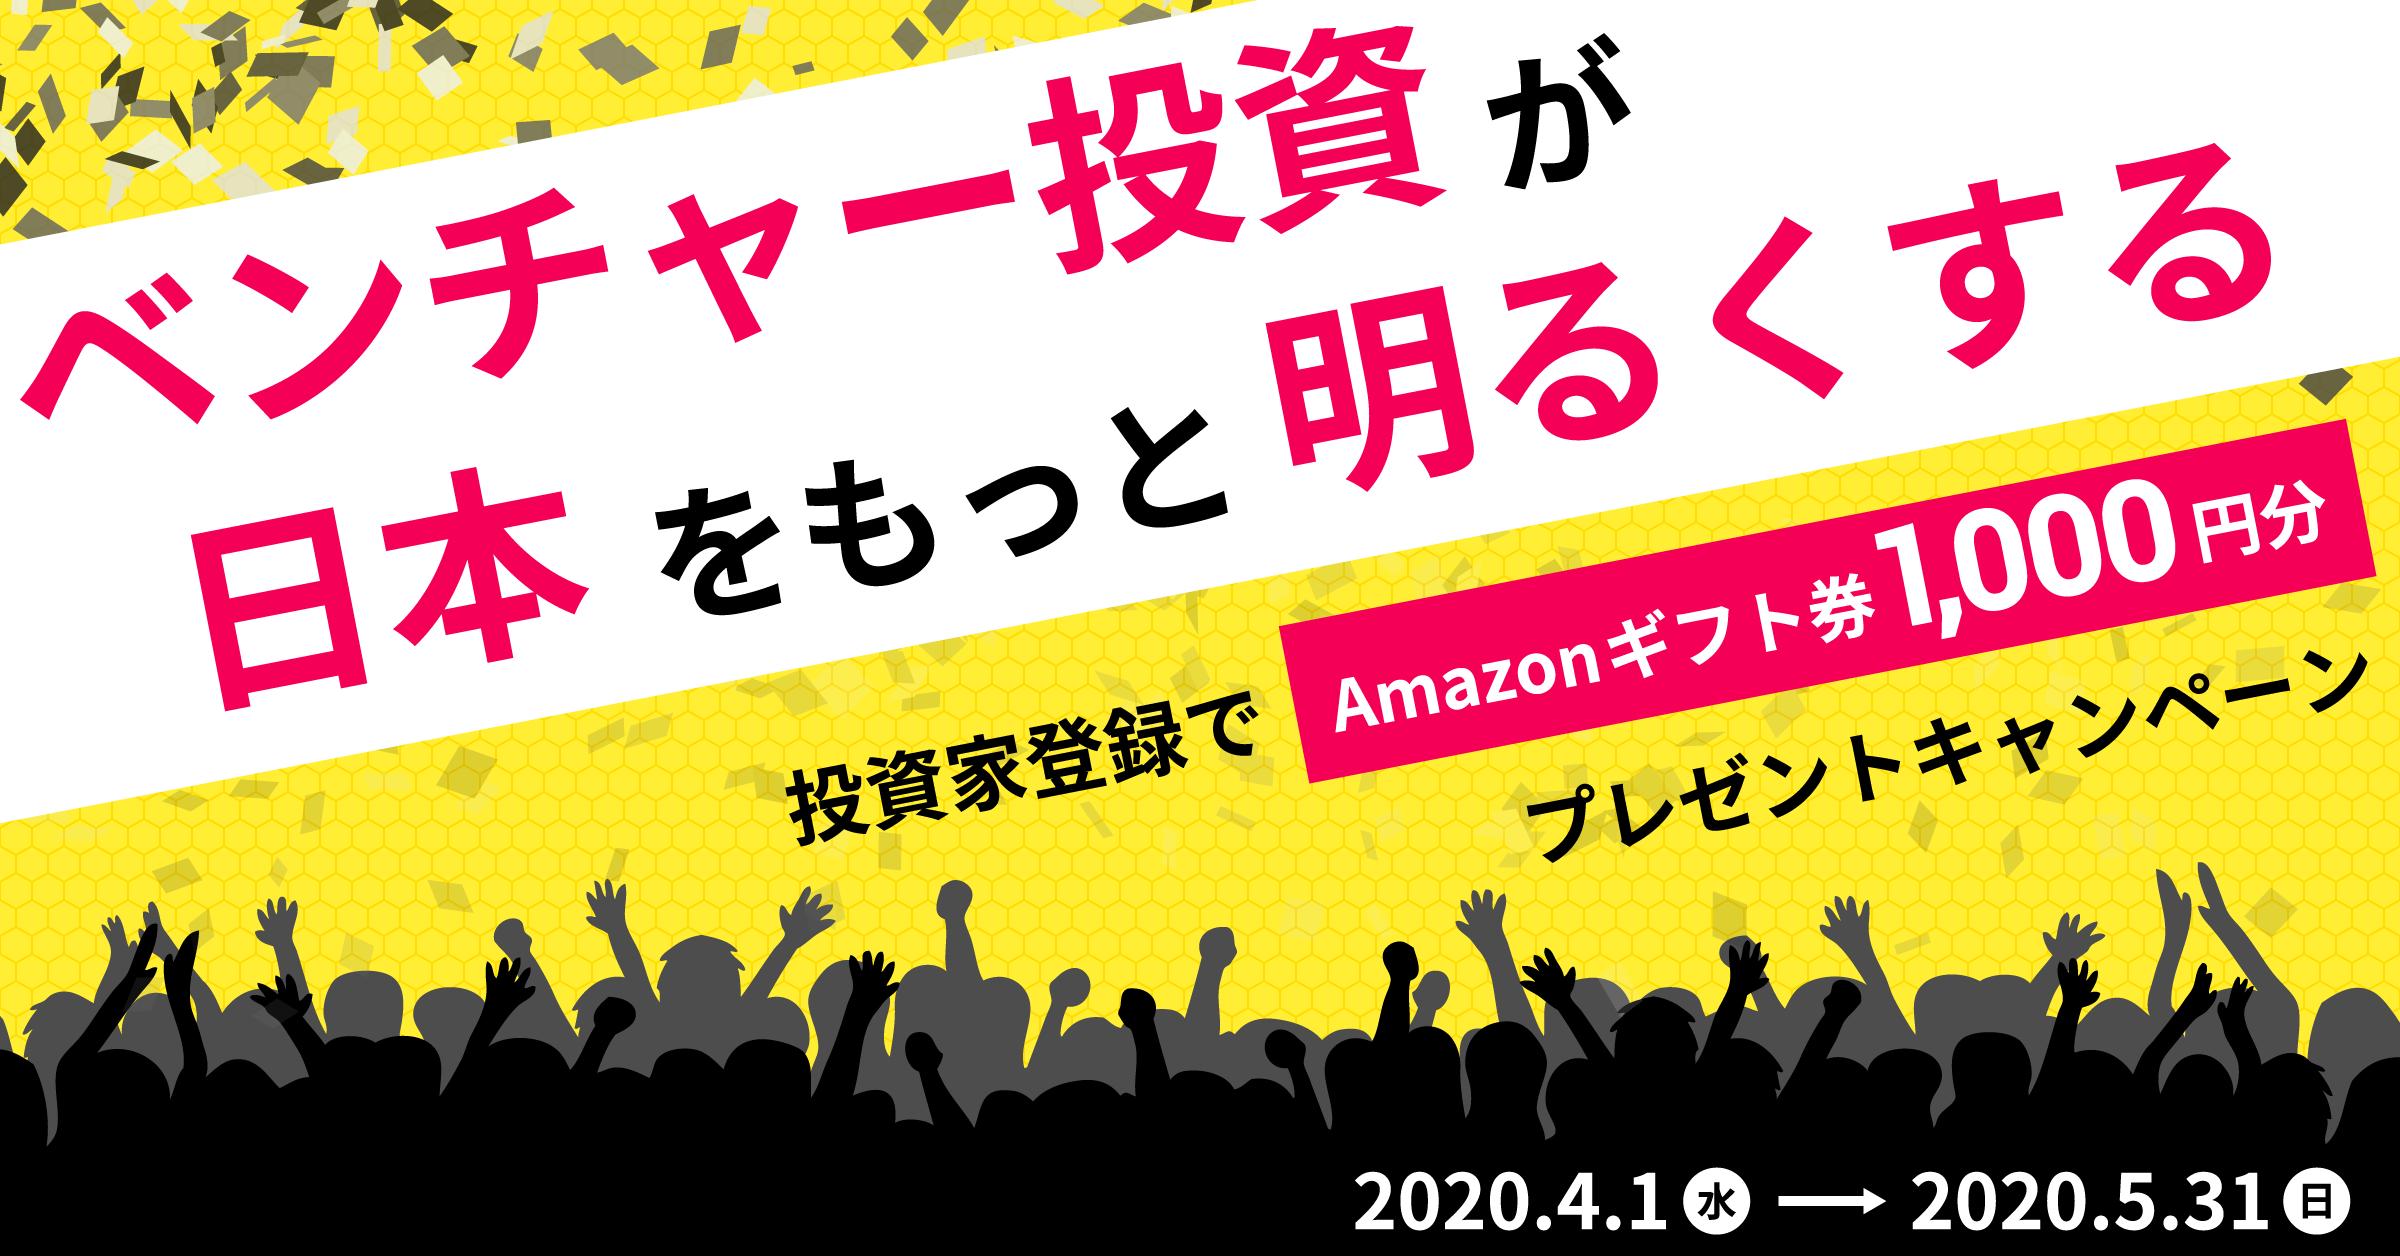 ベンチャー投資が日本をもっと明るくする 投資家登録でAmazonギフト券 1,000円分プレゼントキャンペーン